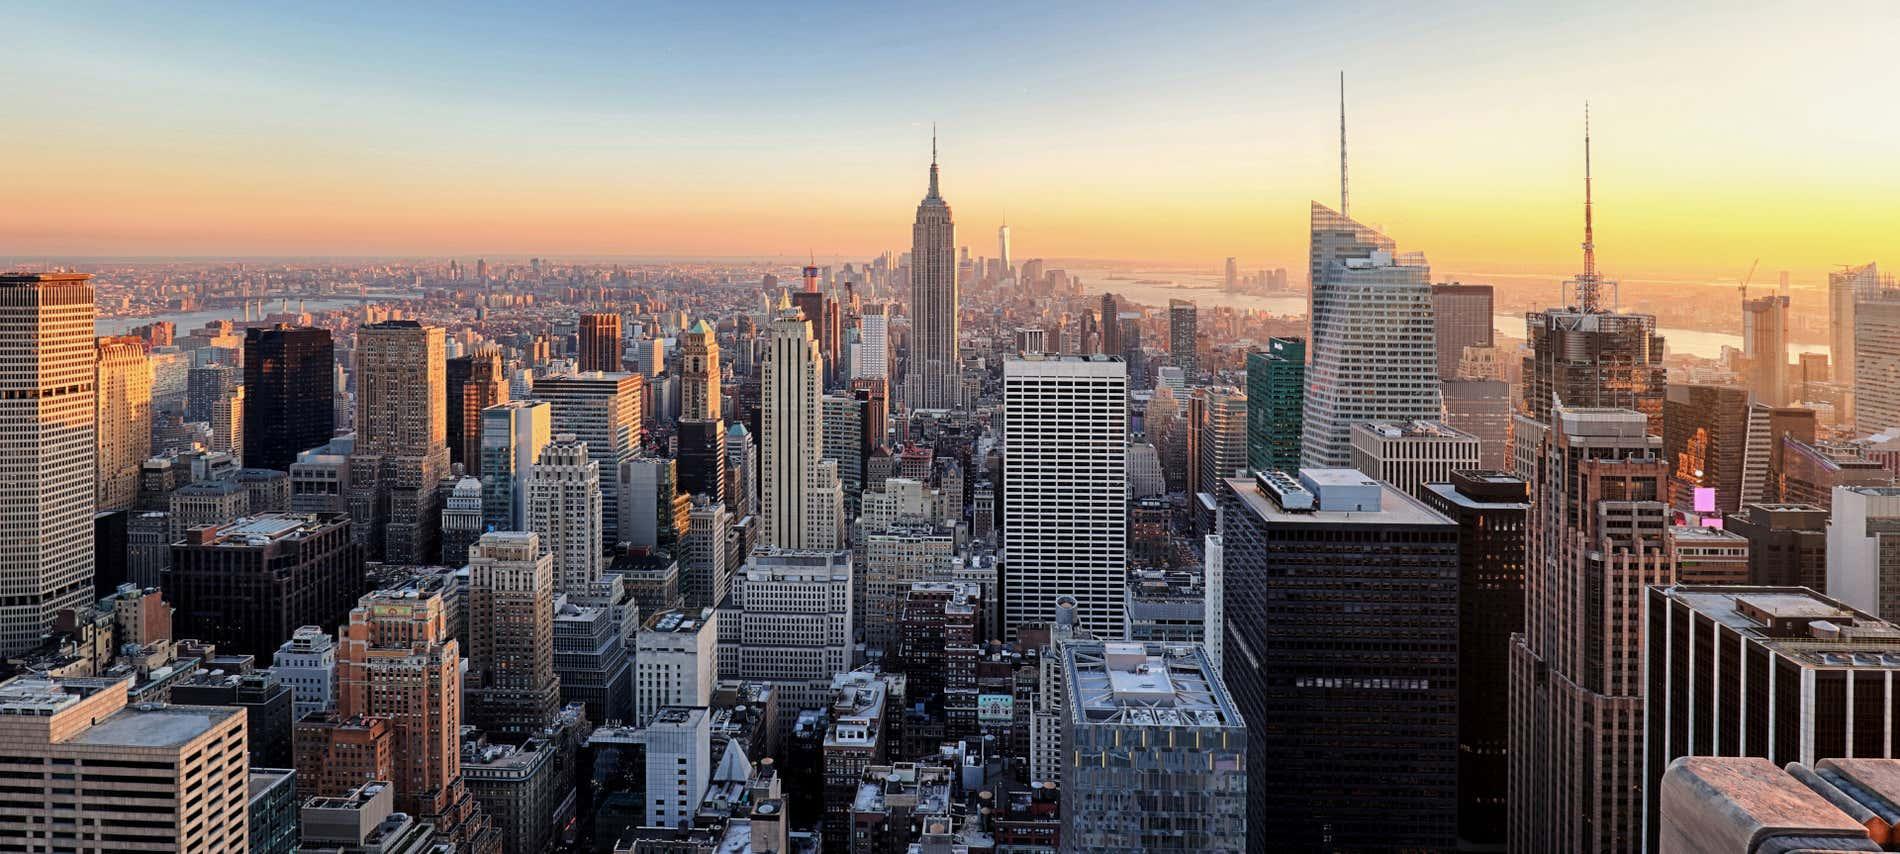 Os 10 arranha-céus mais altos de Nova York